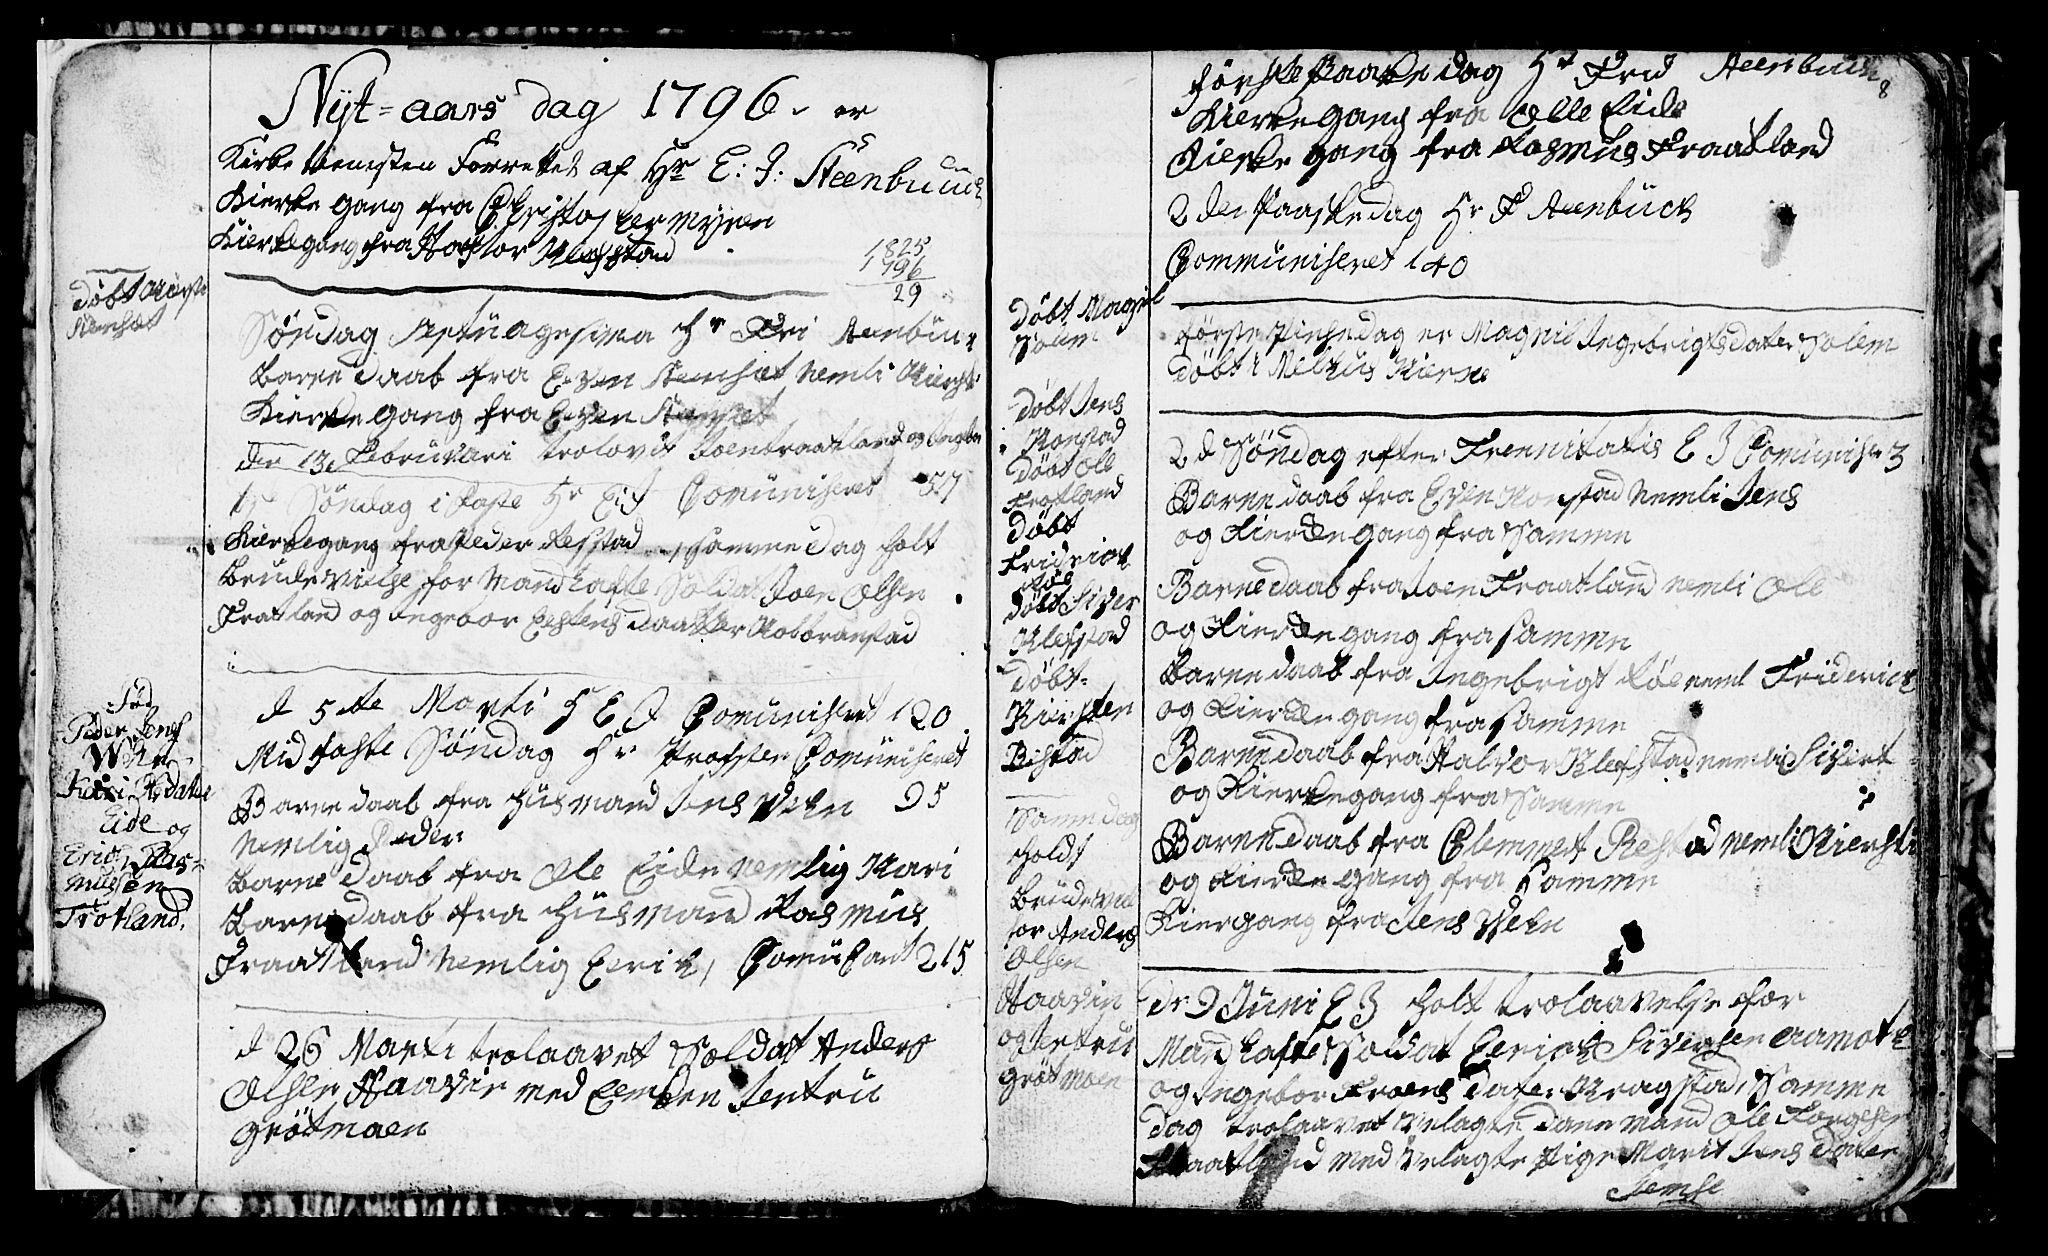 SAT, Ministerialprotokoller, klokkerbøker og fødselsregistre - Sør-Trøndelag, 694/L1129: Klokkerbok nr. 694C01, 1793-1815, s. 8